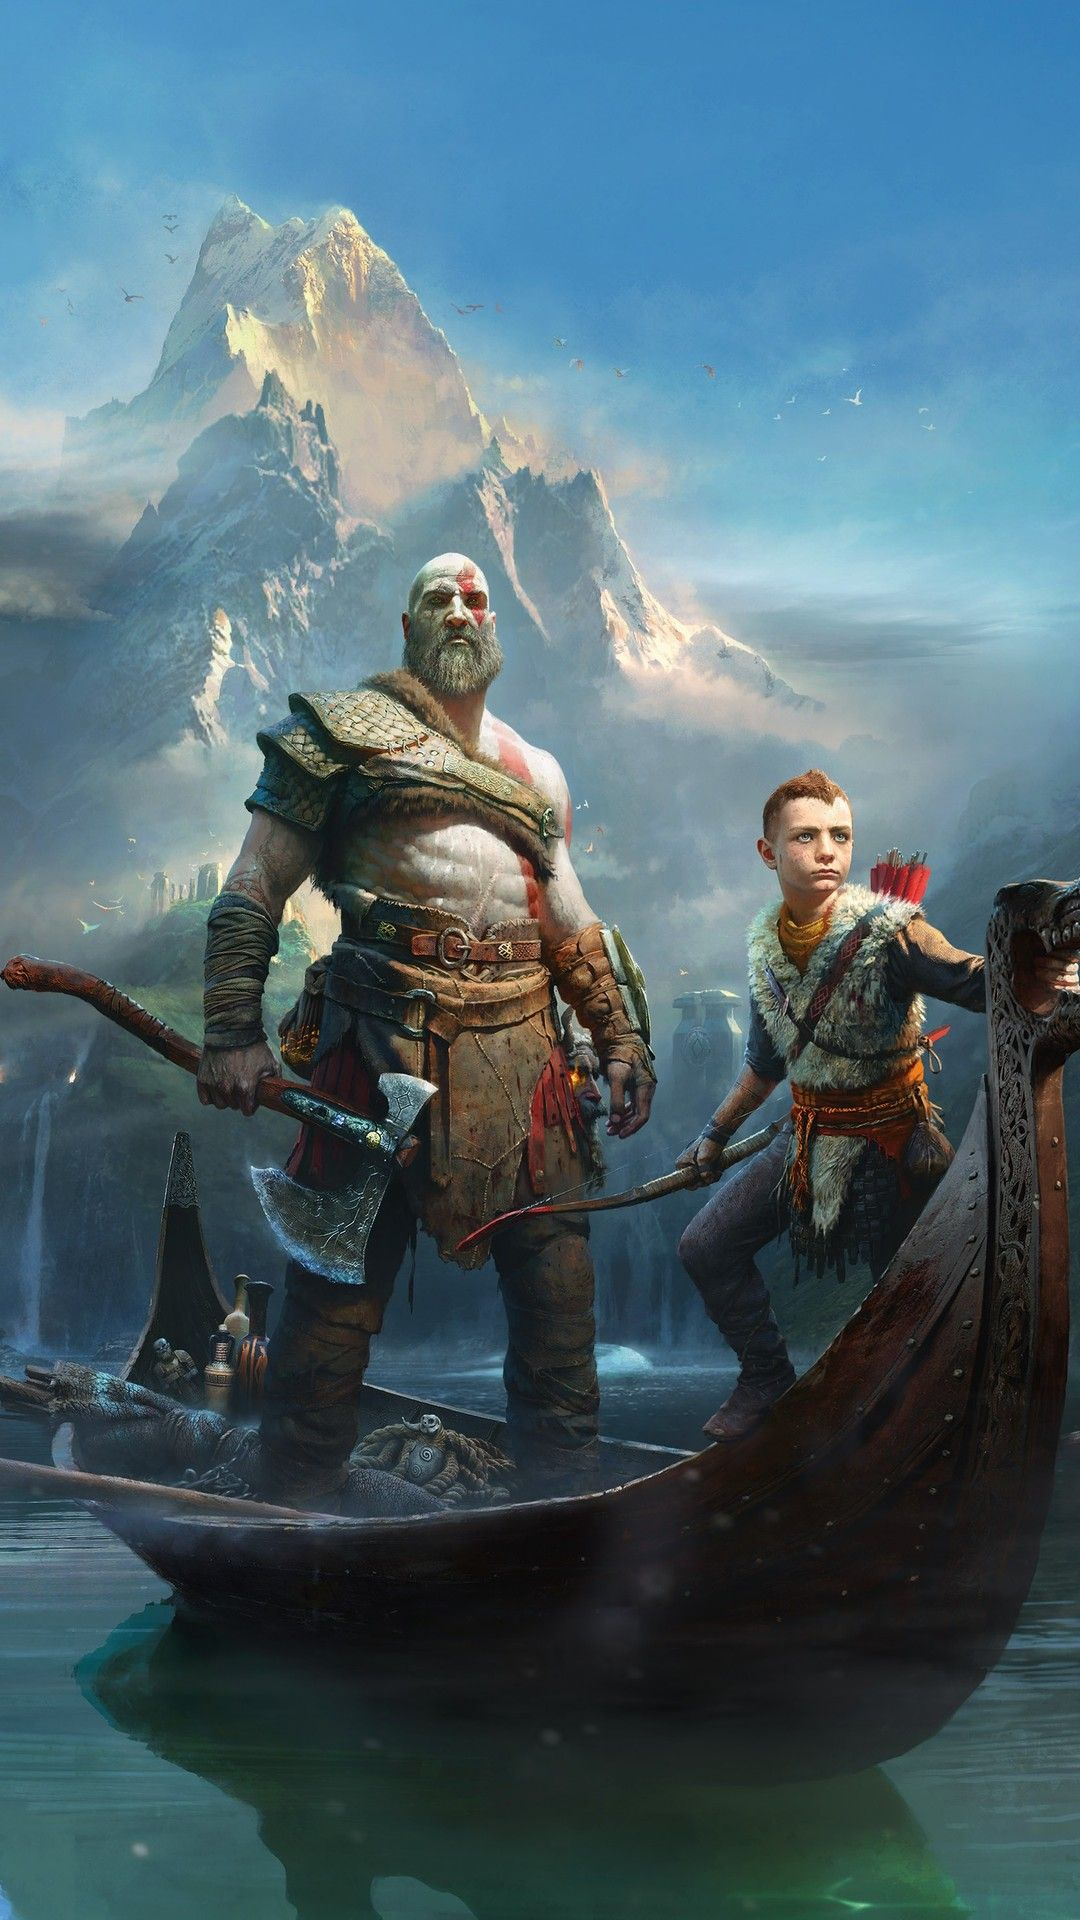 24+ God Of War Background Wallpaper Pics